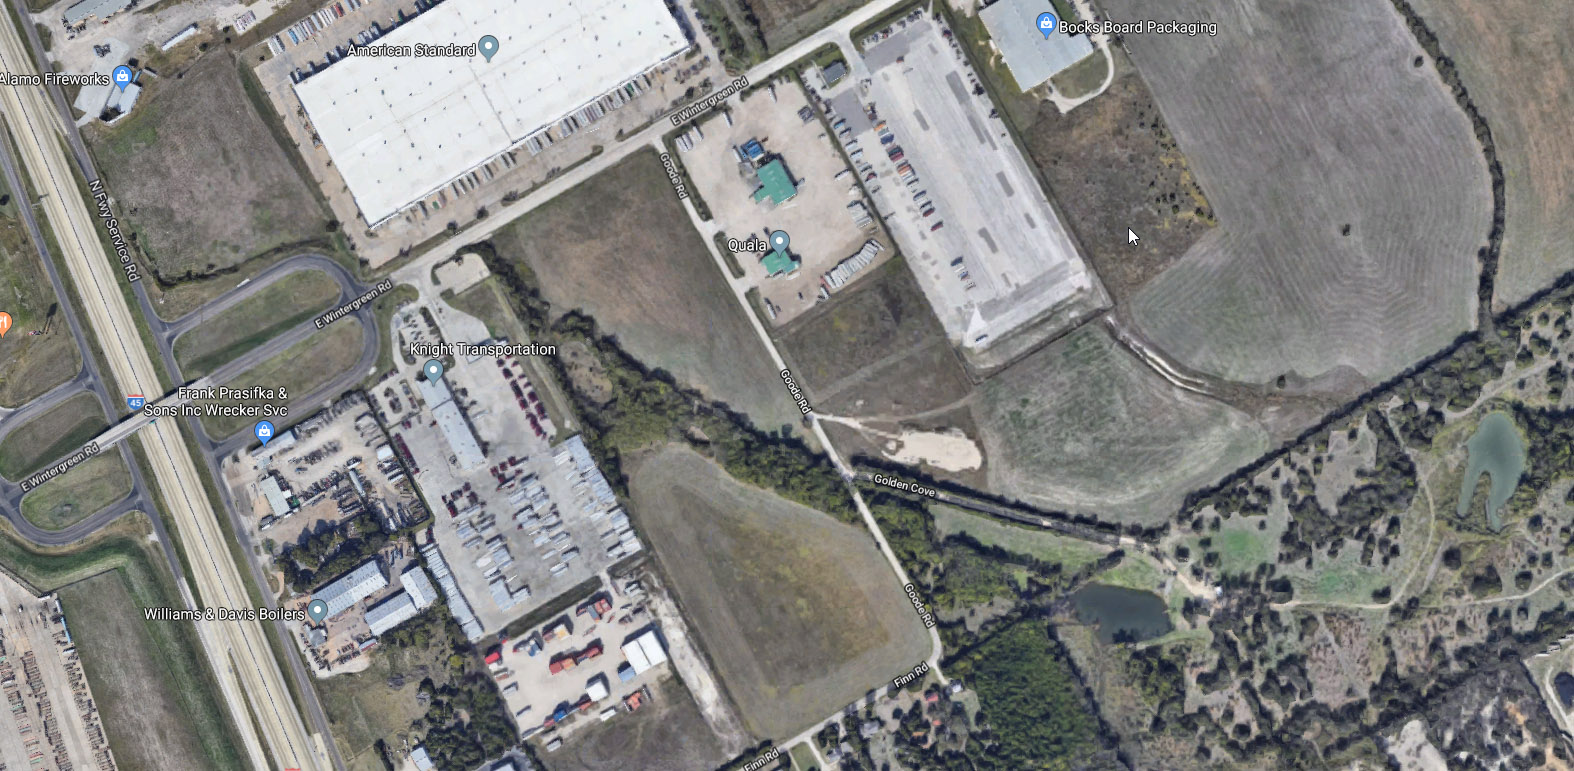 Wintergreen Rd, Hutchins, TX 75141